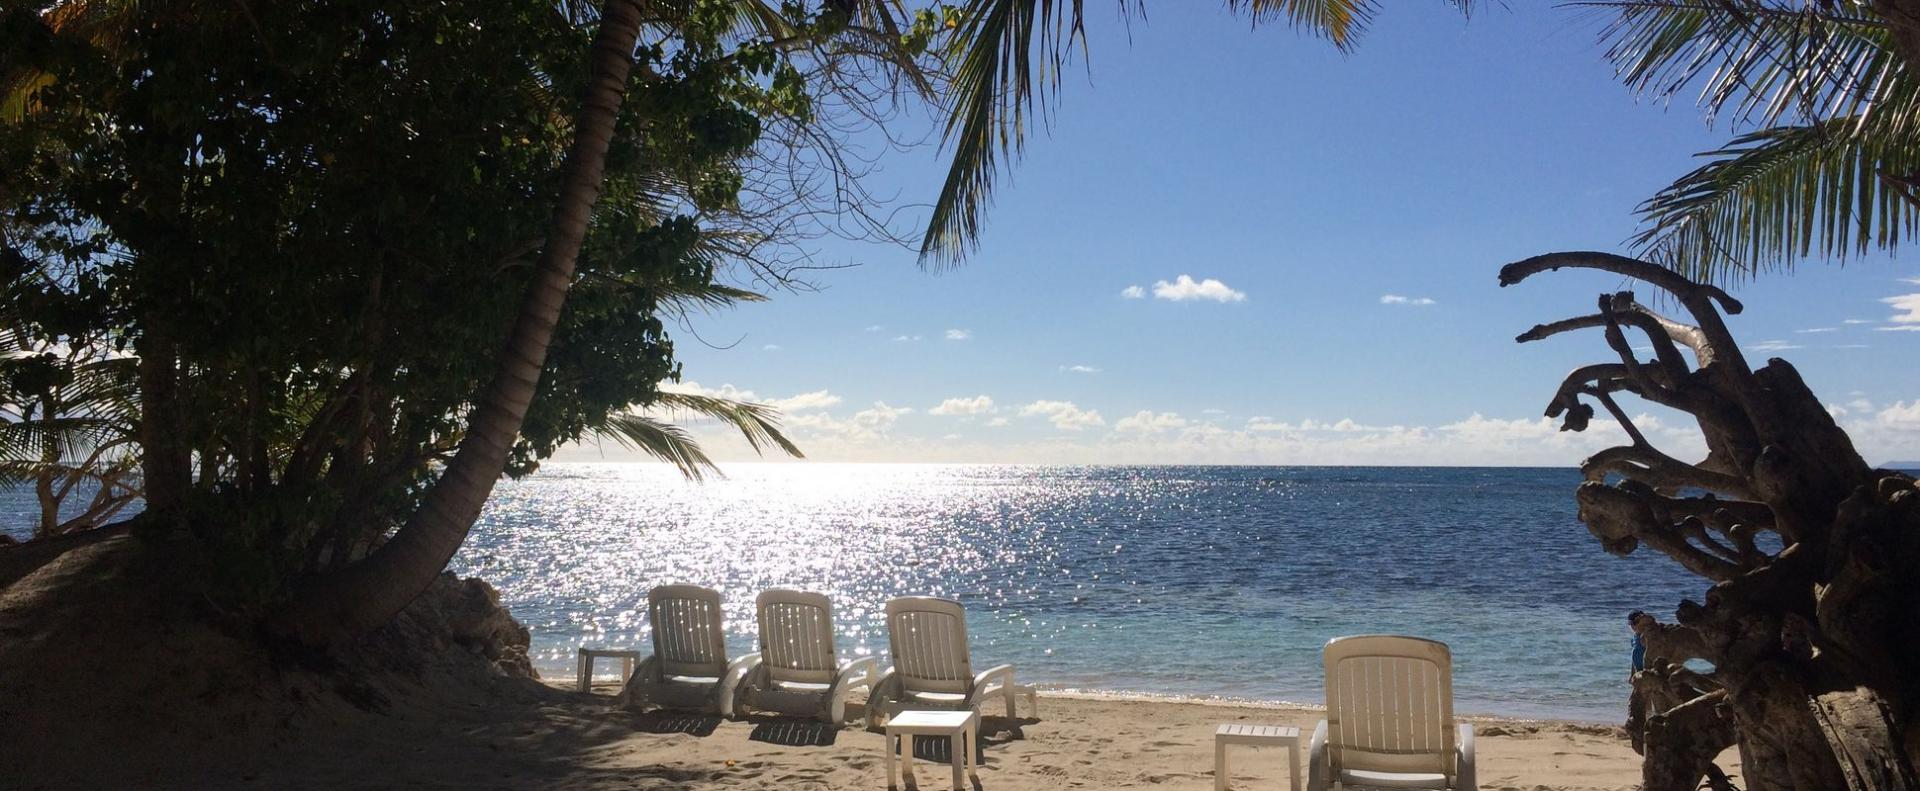 Be on the beach sainte anne b4 1